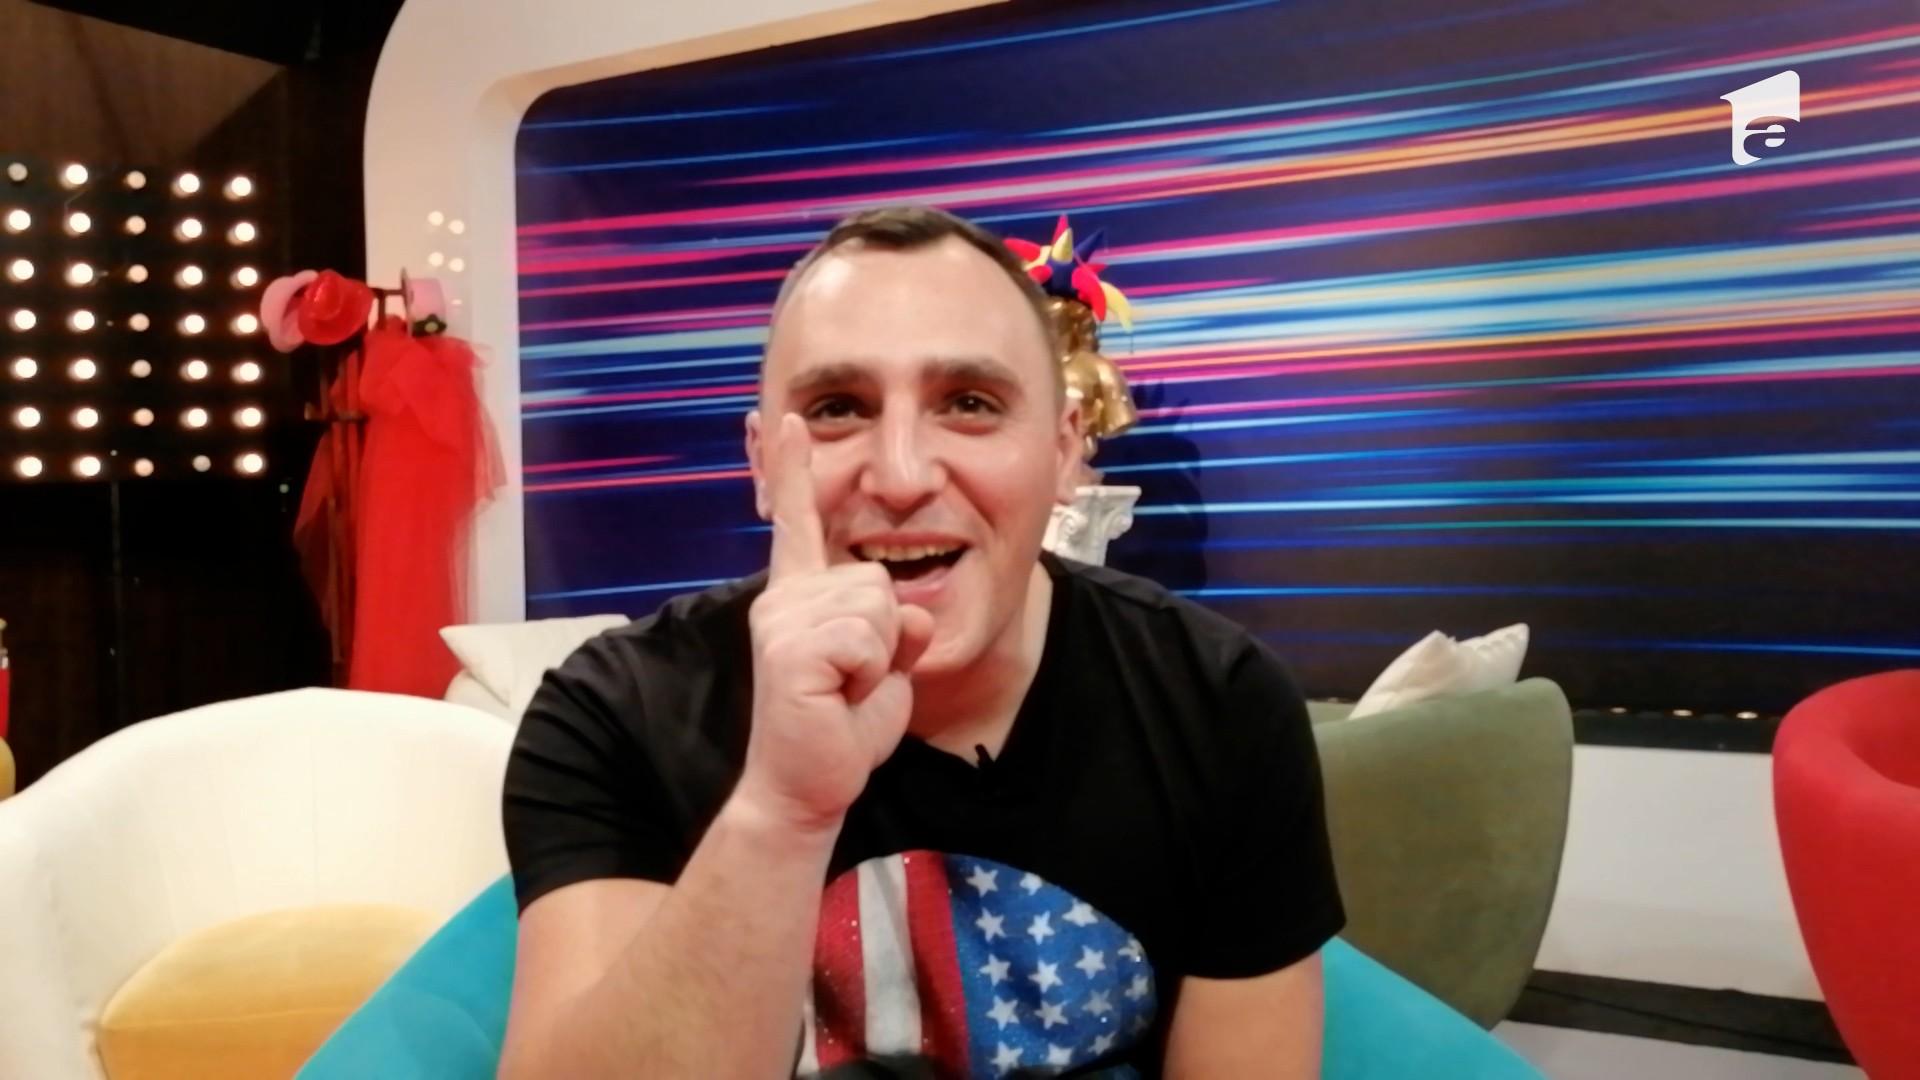 Interviu la iUmor cu semifinalistul Dan Cârstea